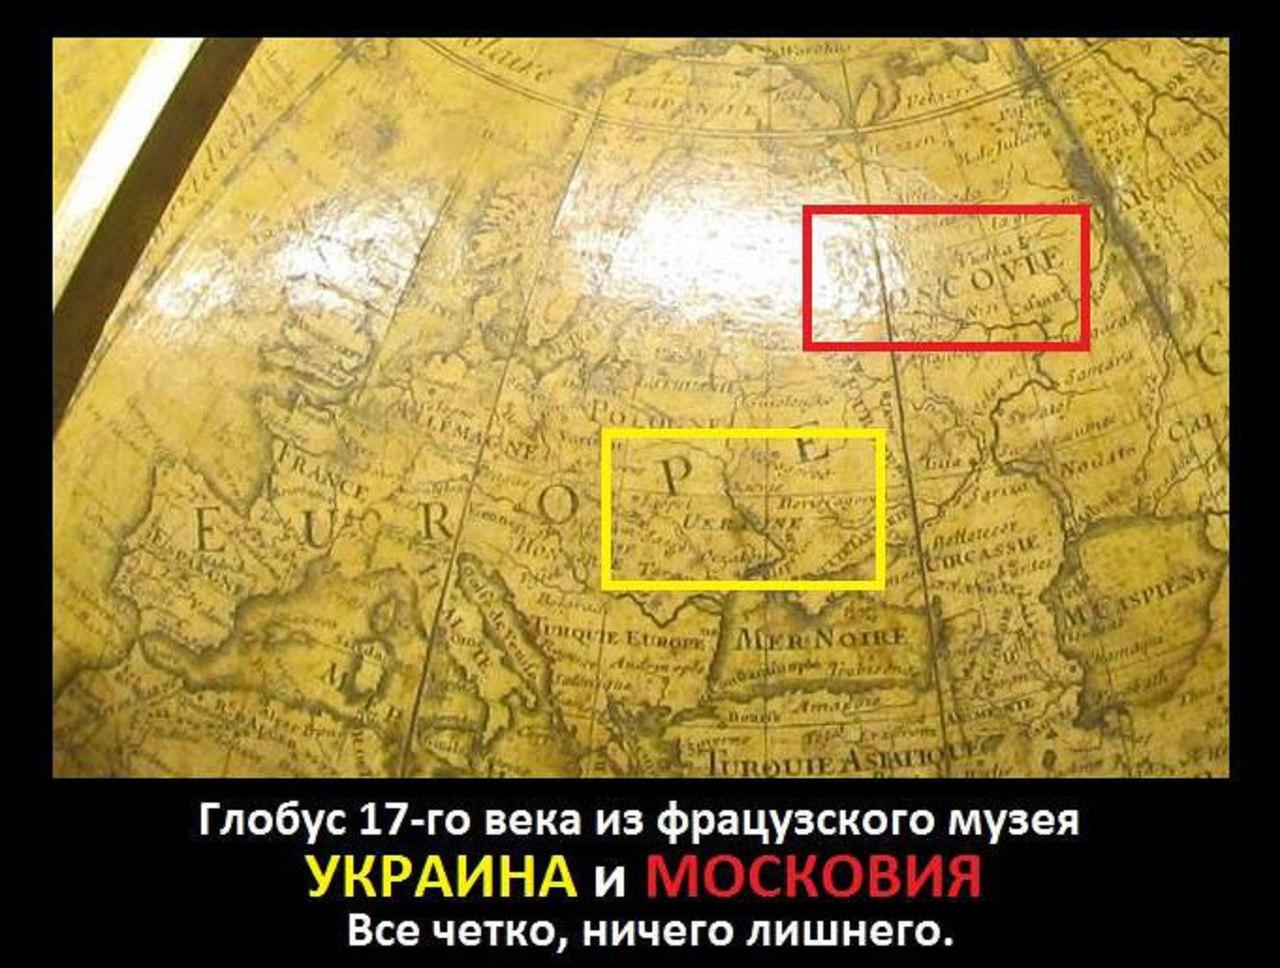 Первый замглавы ГосЧС Бойко не прошел люстрационную проверку - Цензор.НЕТ 5107